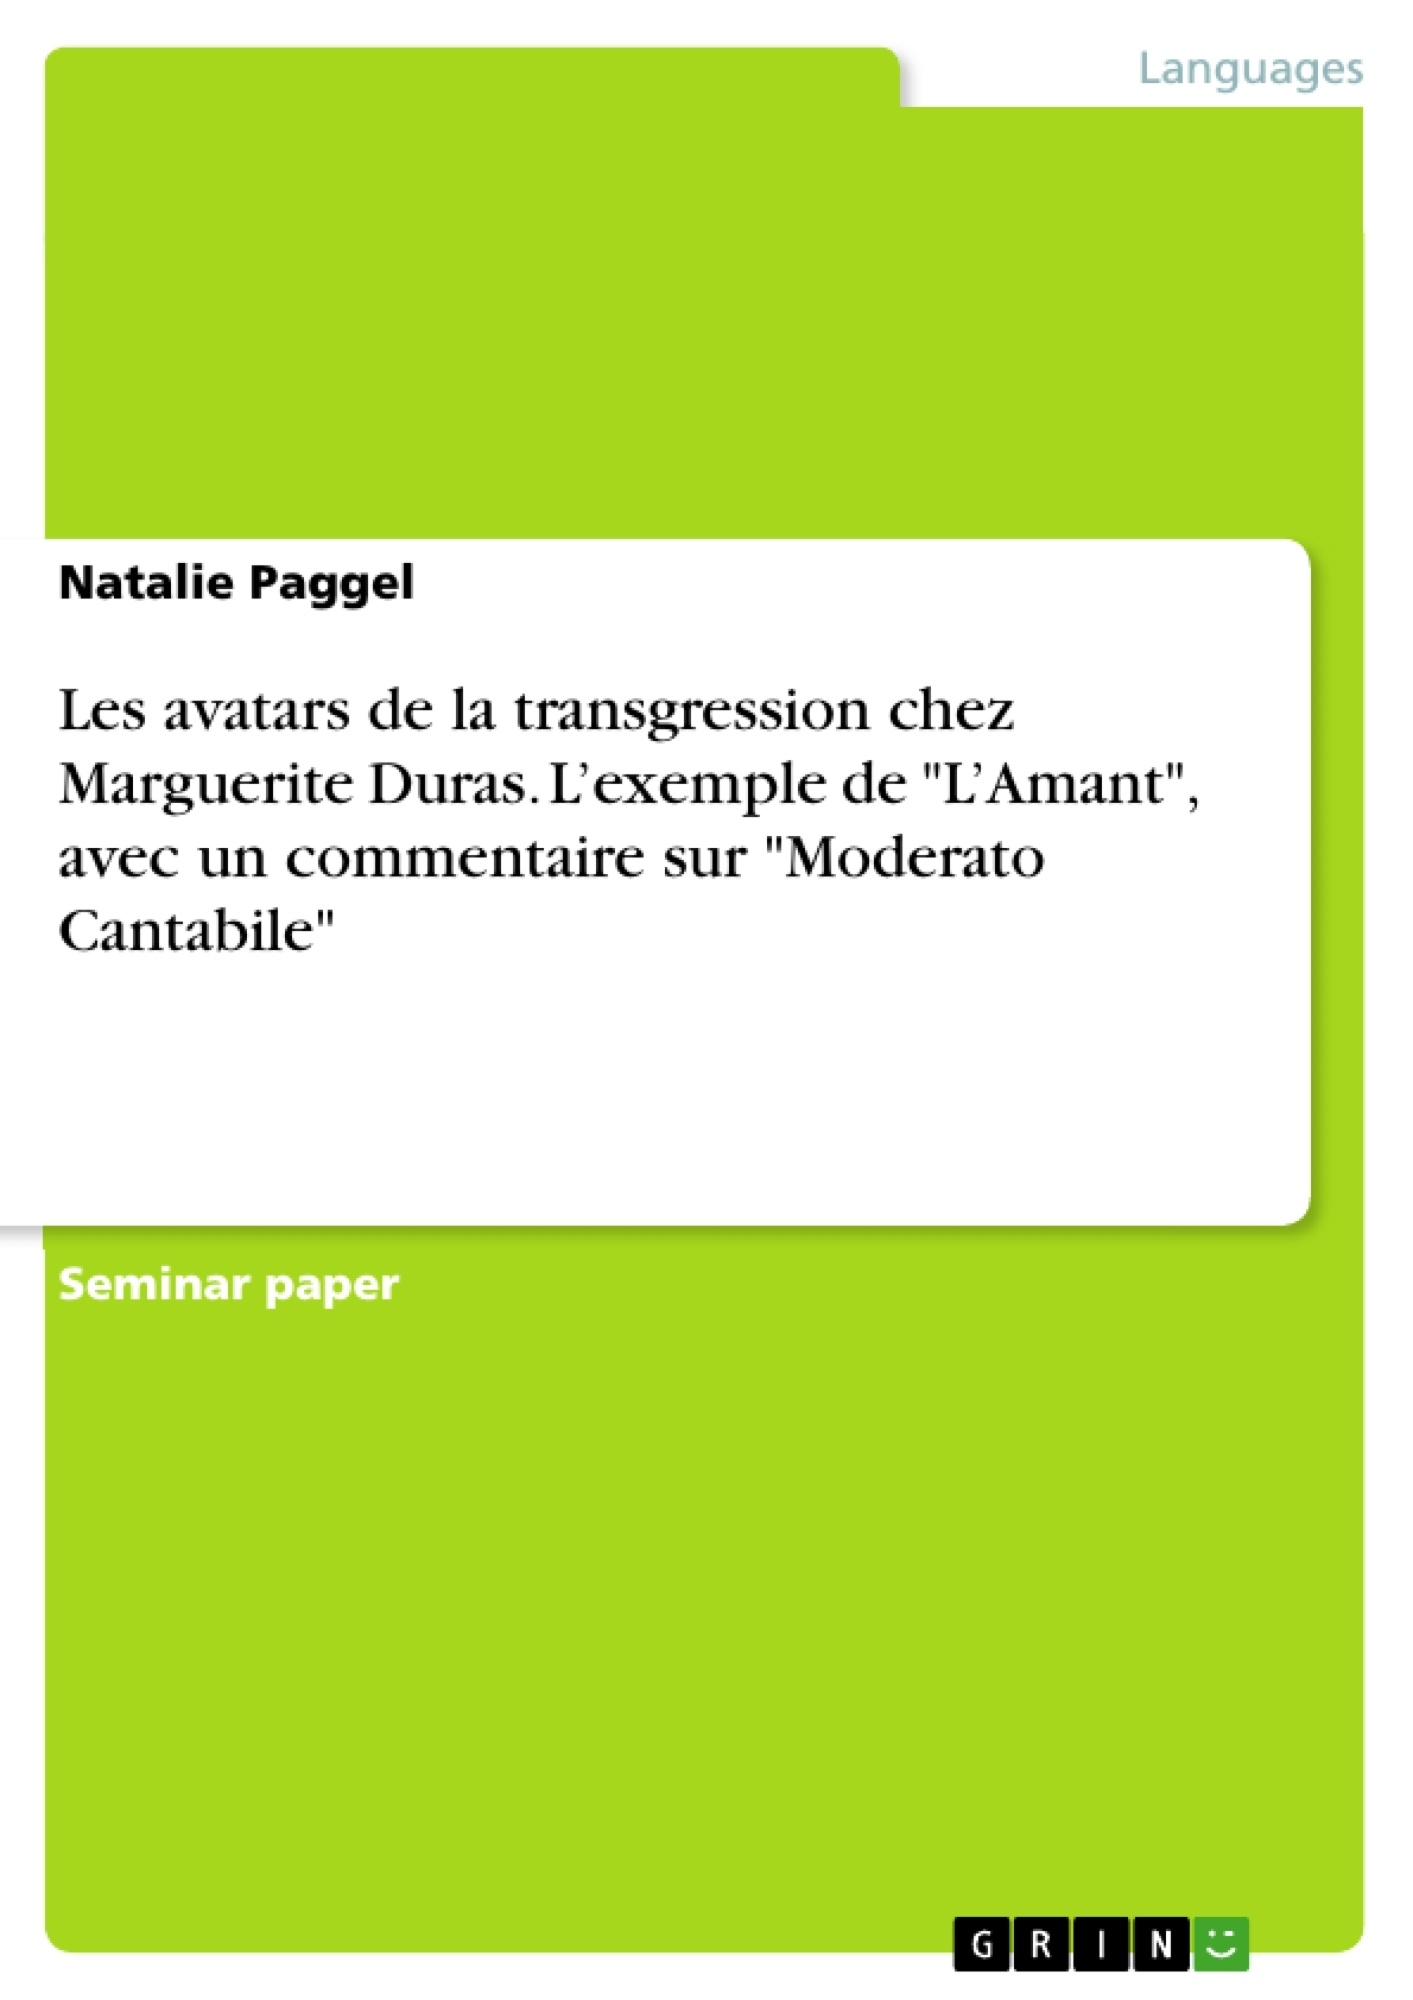 """Titre: Les avatars de la transgression chez Marguerite Duras. L'exemple de """"L'Amant"""", avec un commentaire sur """"Moderato Cantabile"""""""